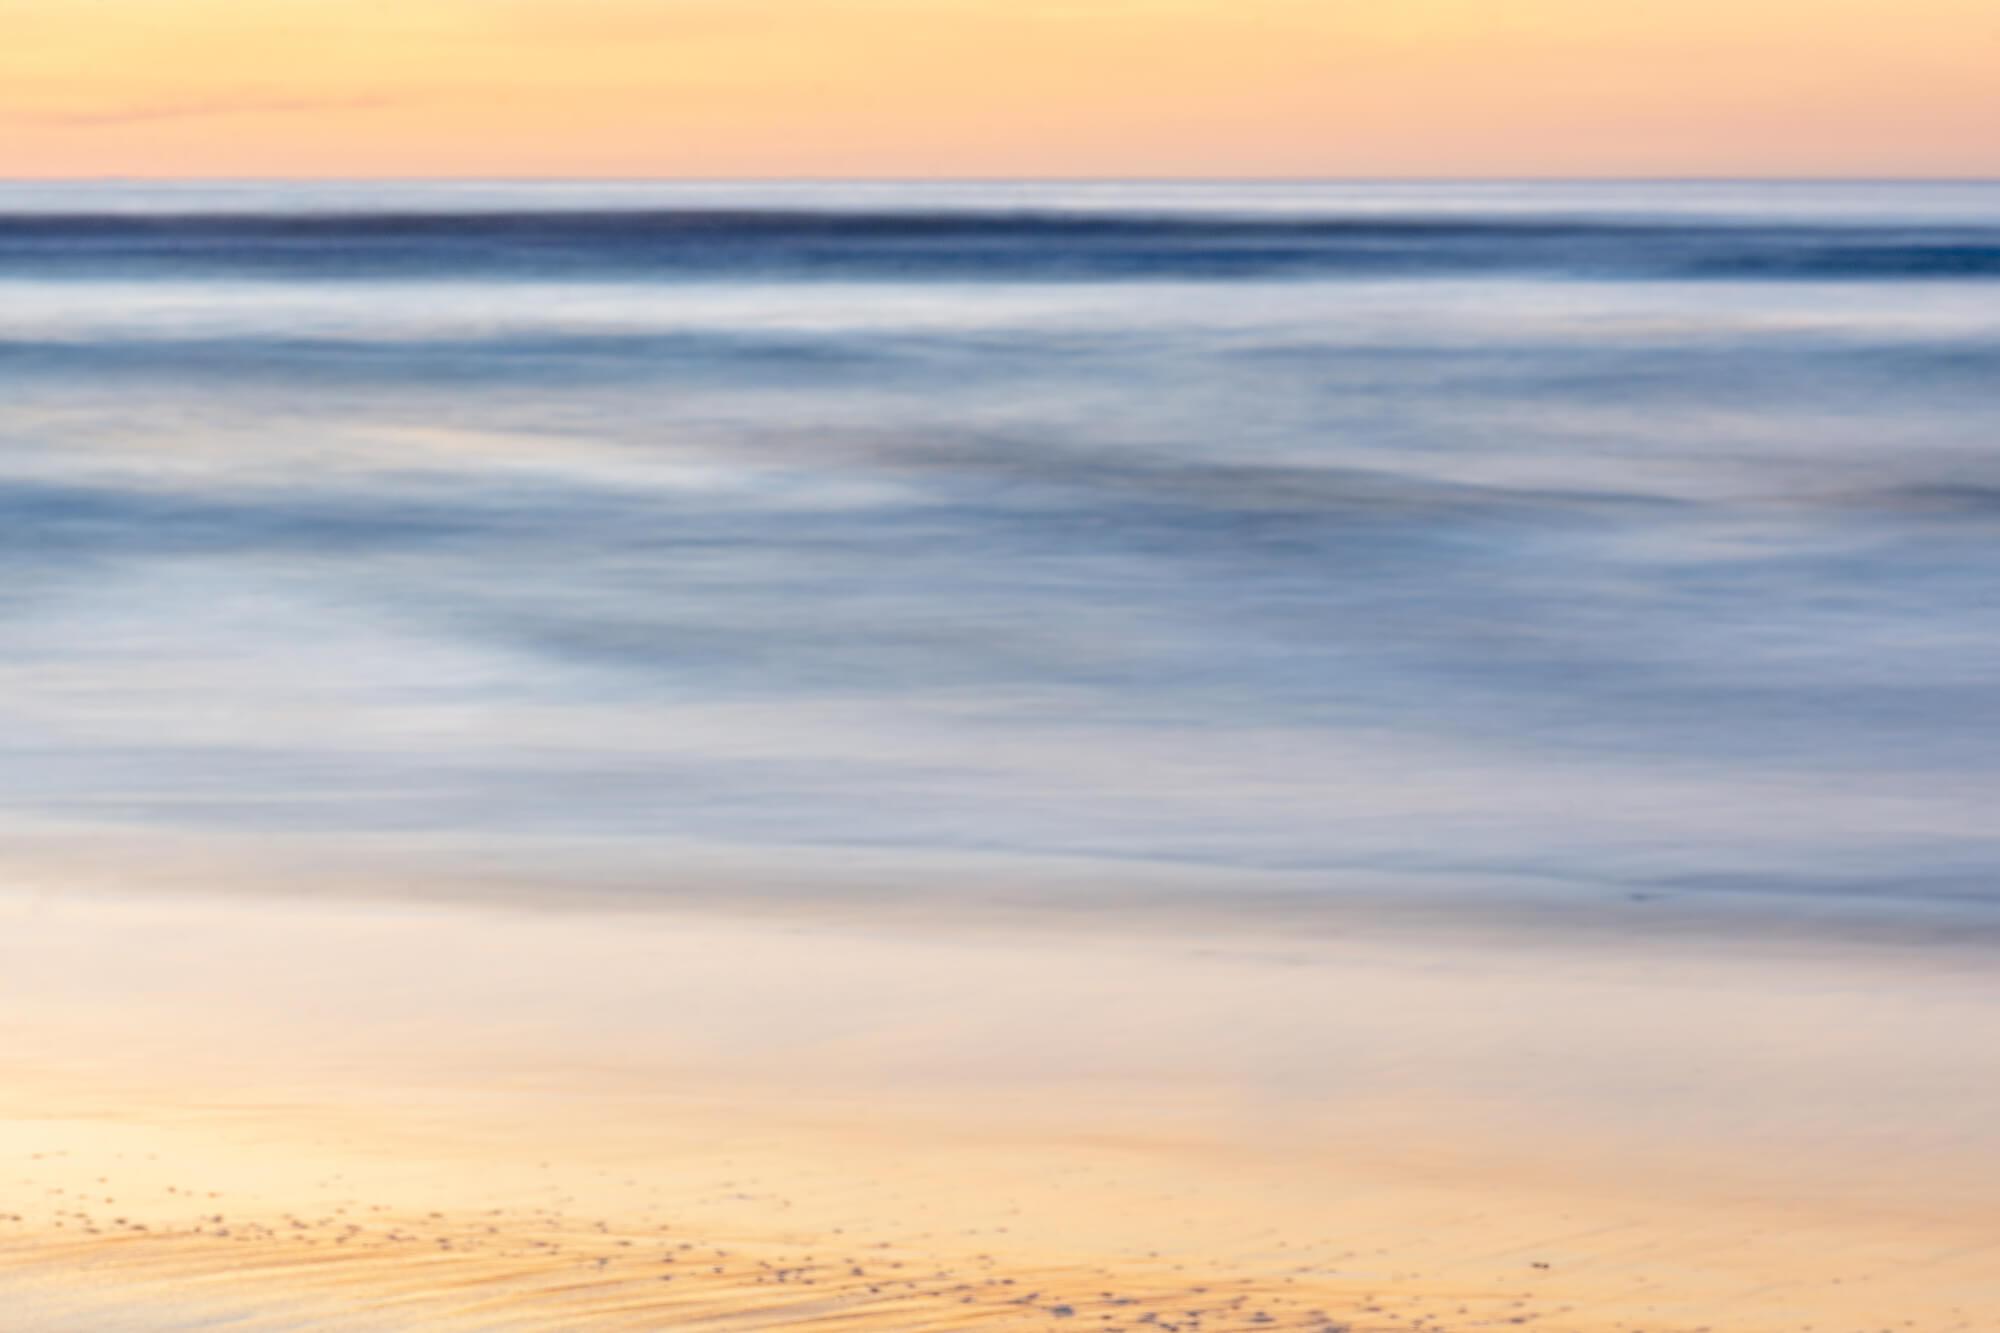 McDougall_Oceans 2-1543.jpg